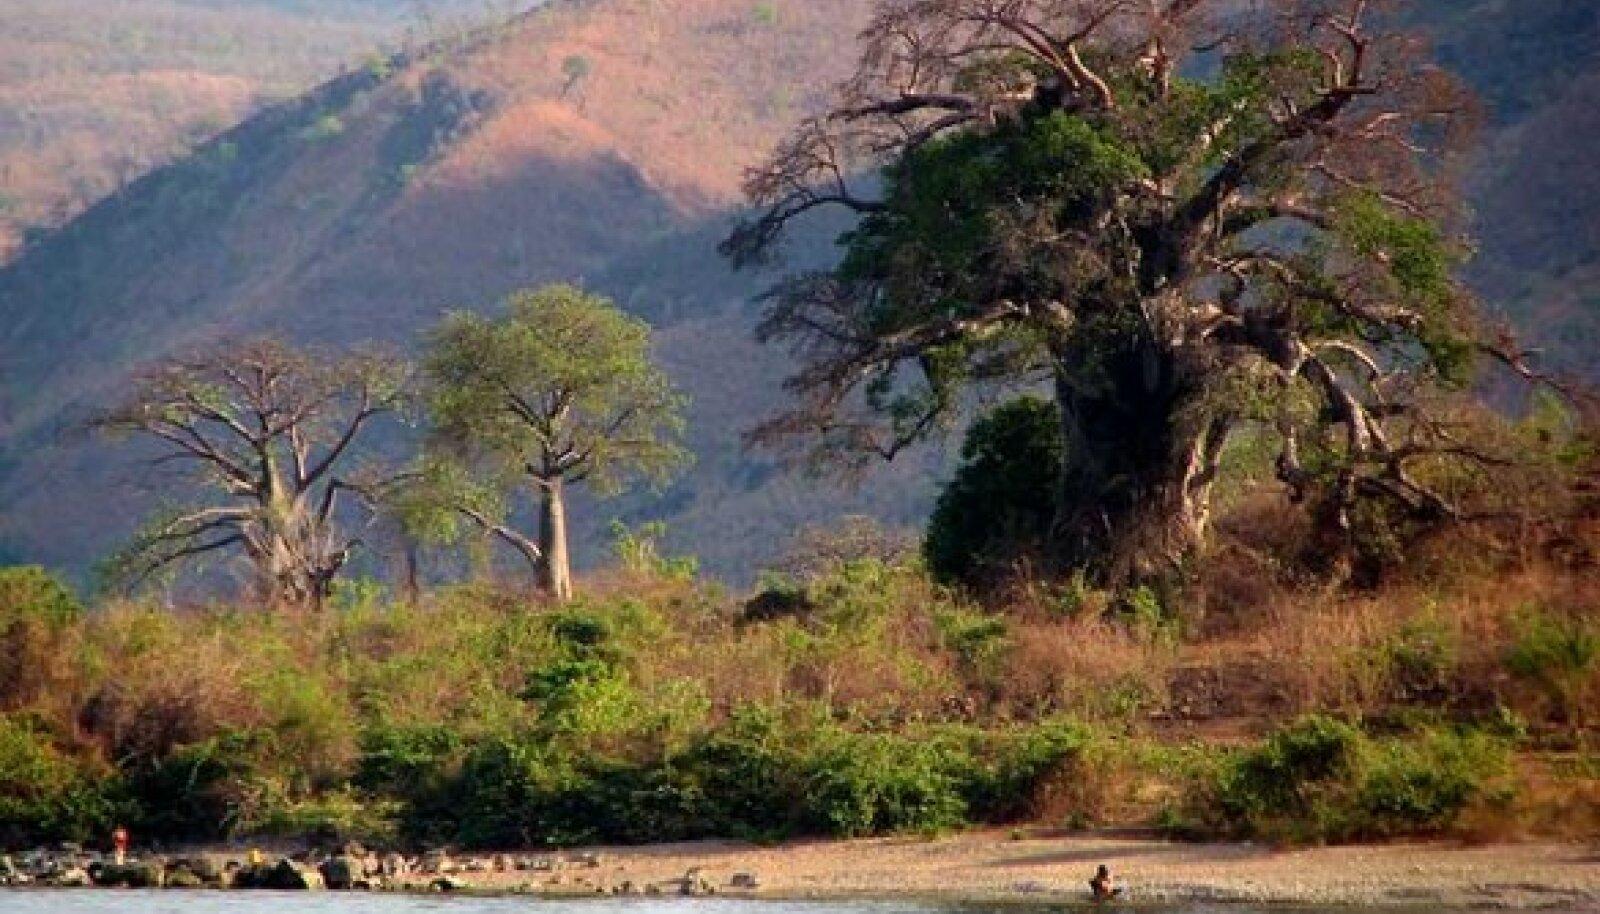 AHVIDE LEIB: Paar ahvileivapuud Niassa järve kaldal Metangula linnas.